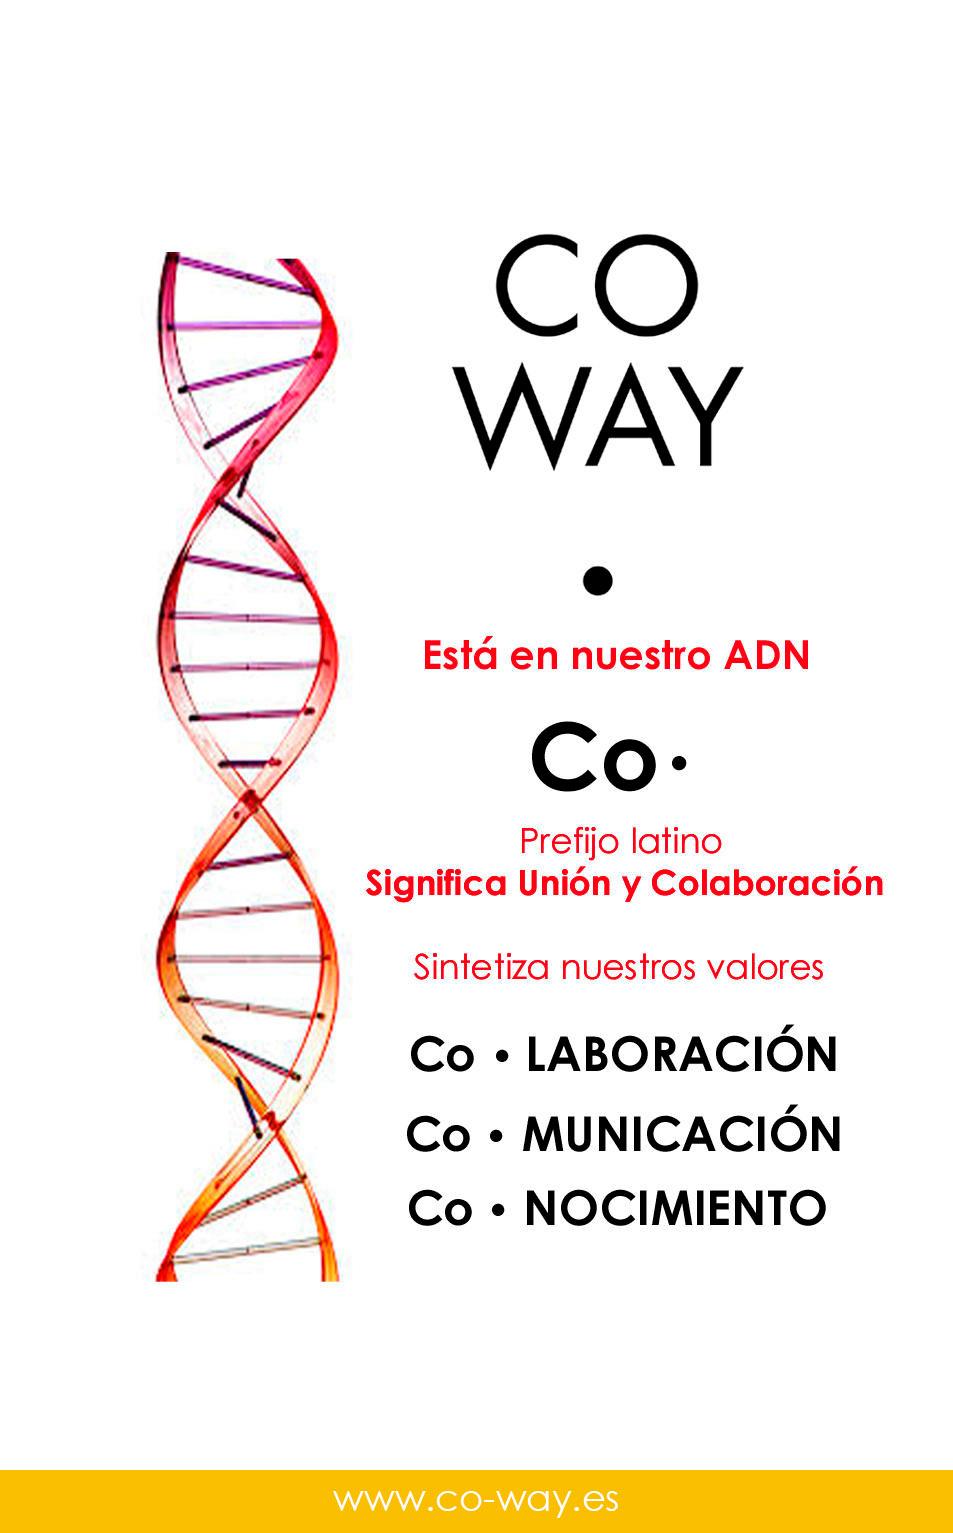 Mediación - Co Way